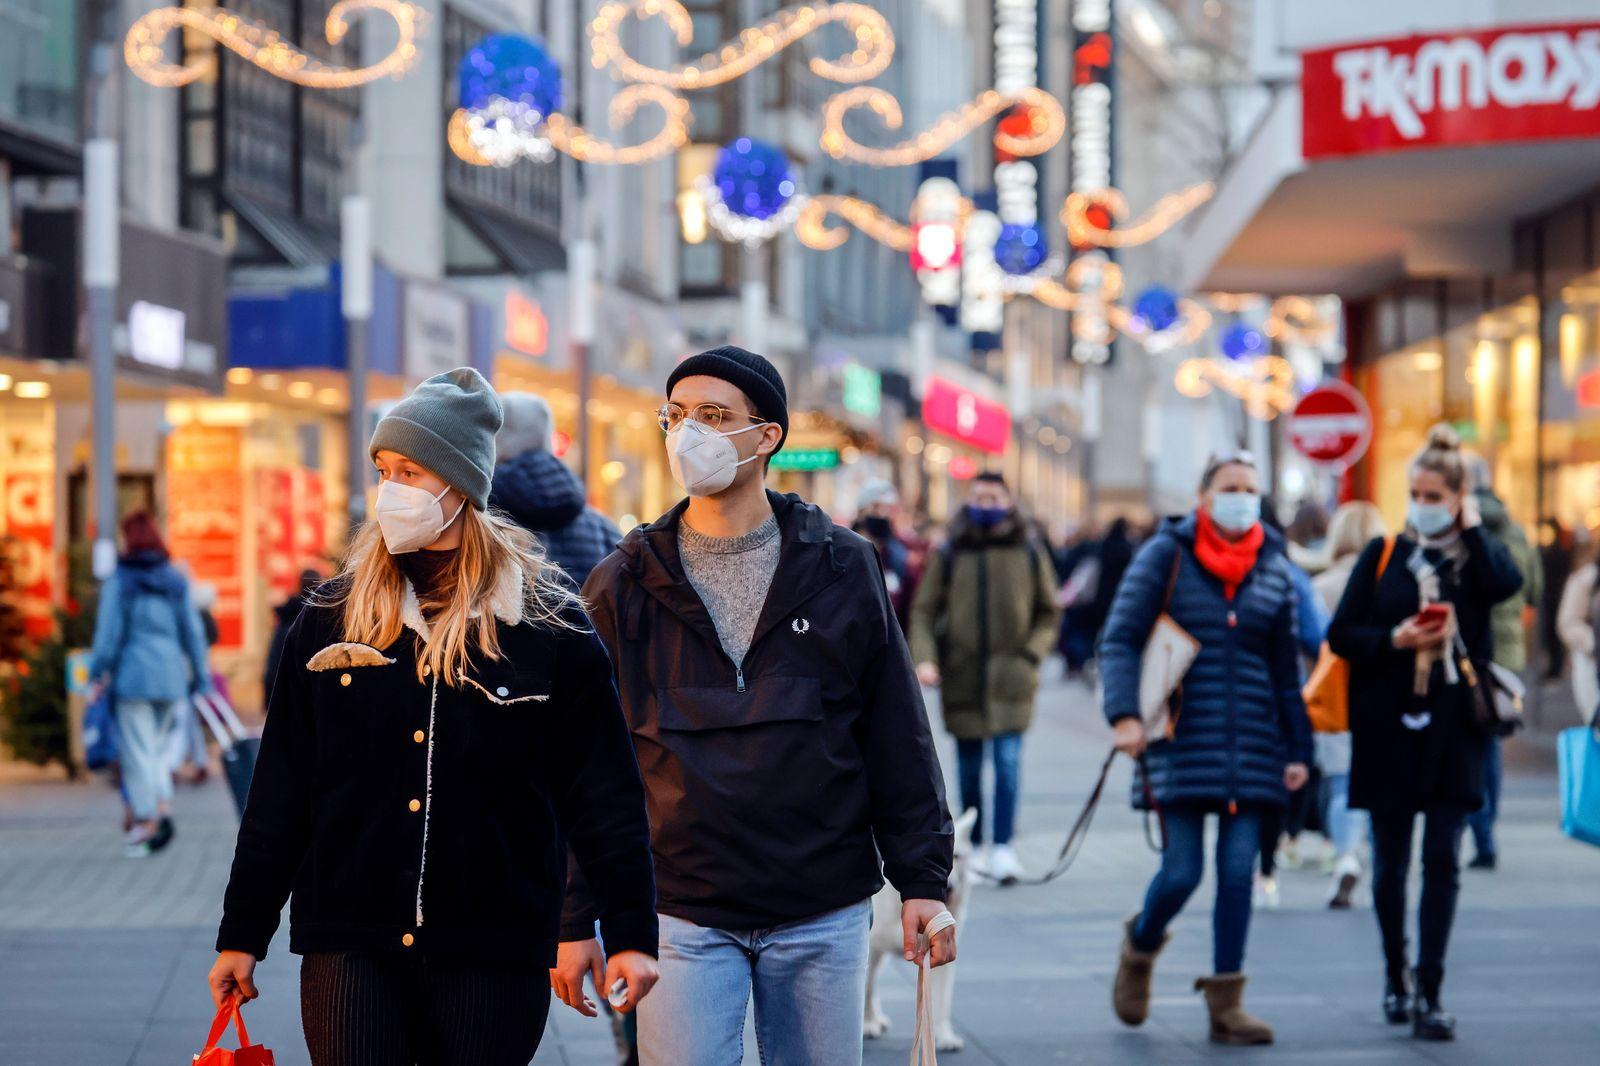 Bochum, Ruhrgebiet, Nordrhein-Westfalen, Deutschland - Maskenpflicht in der Bochumer Innenstadt in Zeiten der Coronakris